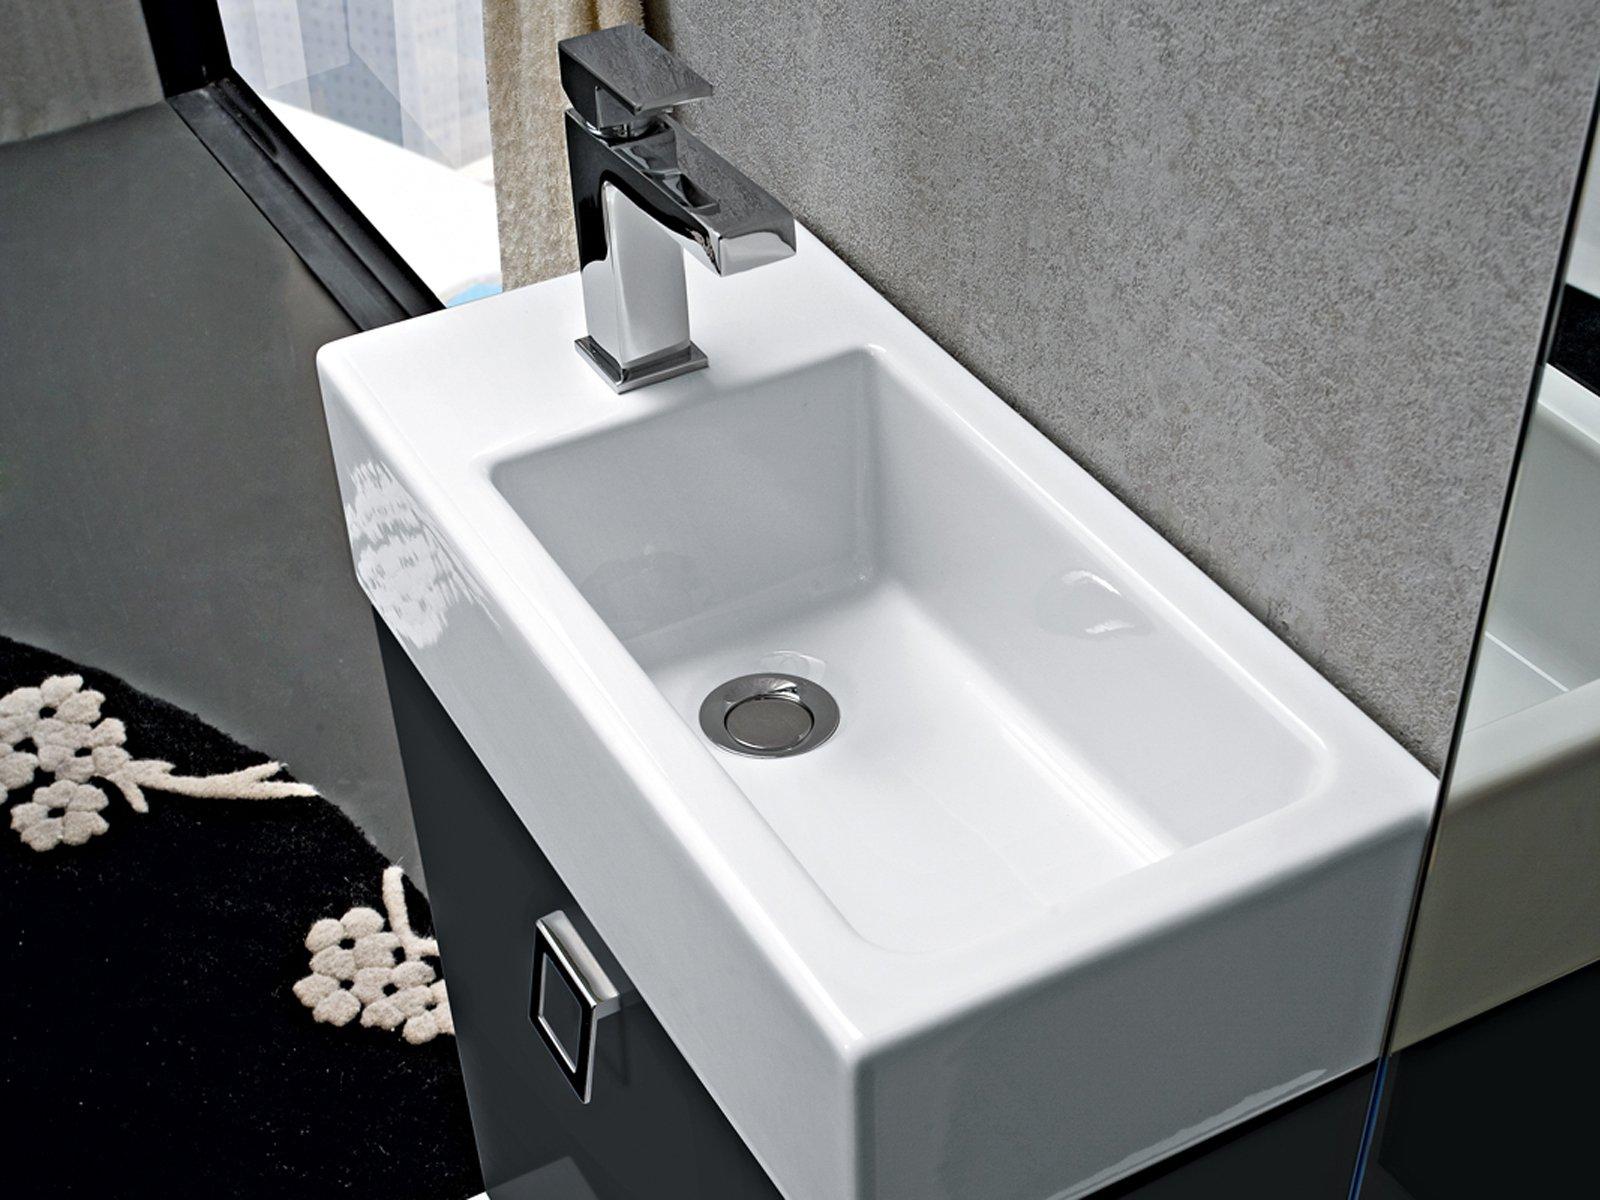 soluzioni per il bagno piccolo - cose di casa - Bagno Piccolo Soluzioni